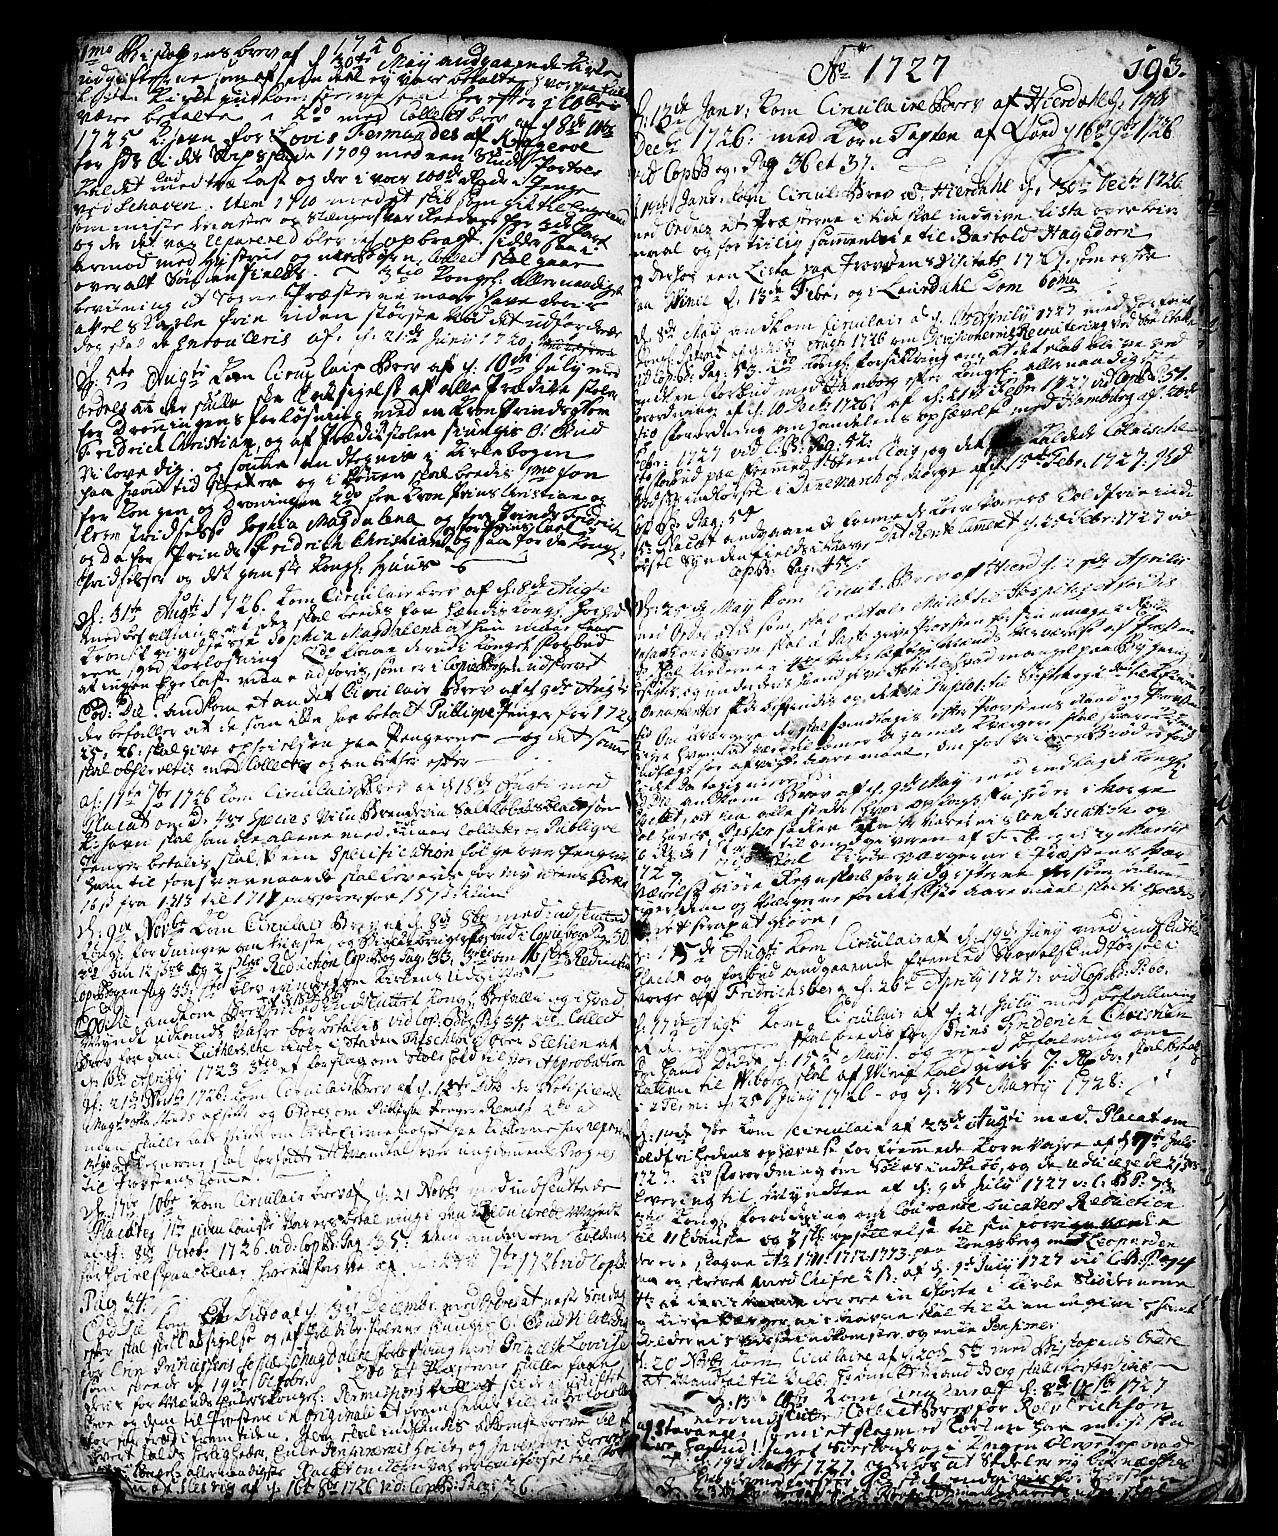 SAKO, Vinje kirkebøker, F/Fa/L0001: Ministerialbok nr. I 1, 1717-1766, s. 193